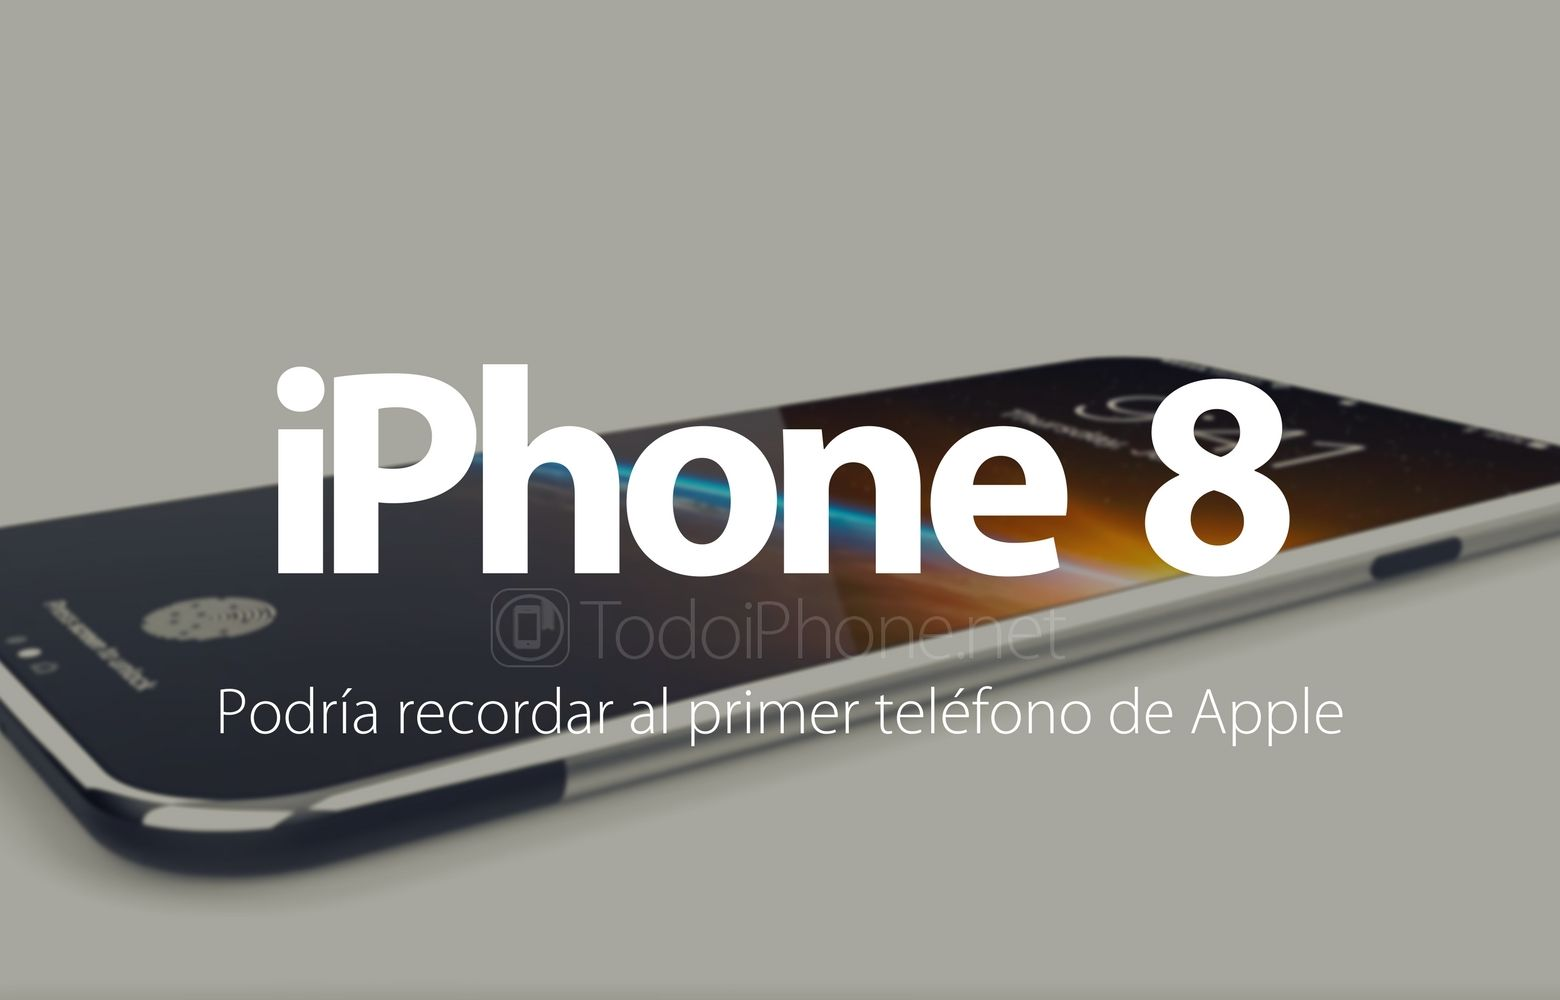 iPhone 8: Podría recordar al primer teléfono de Apple http://blgs.co/3kFS07